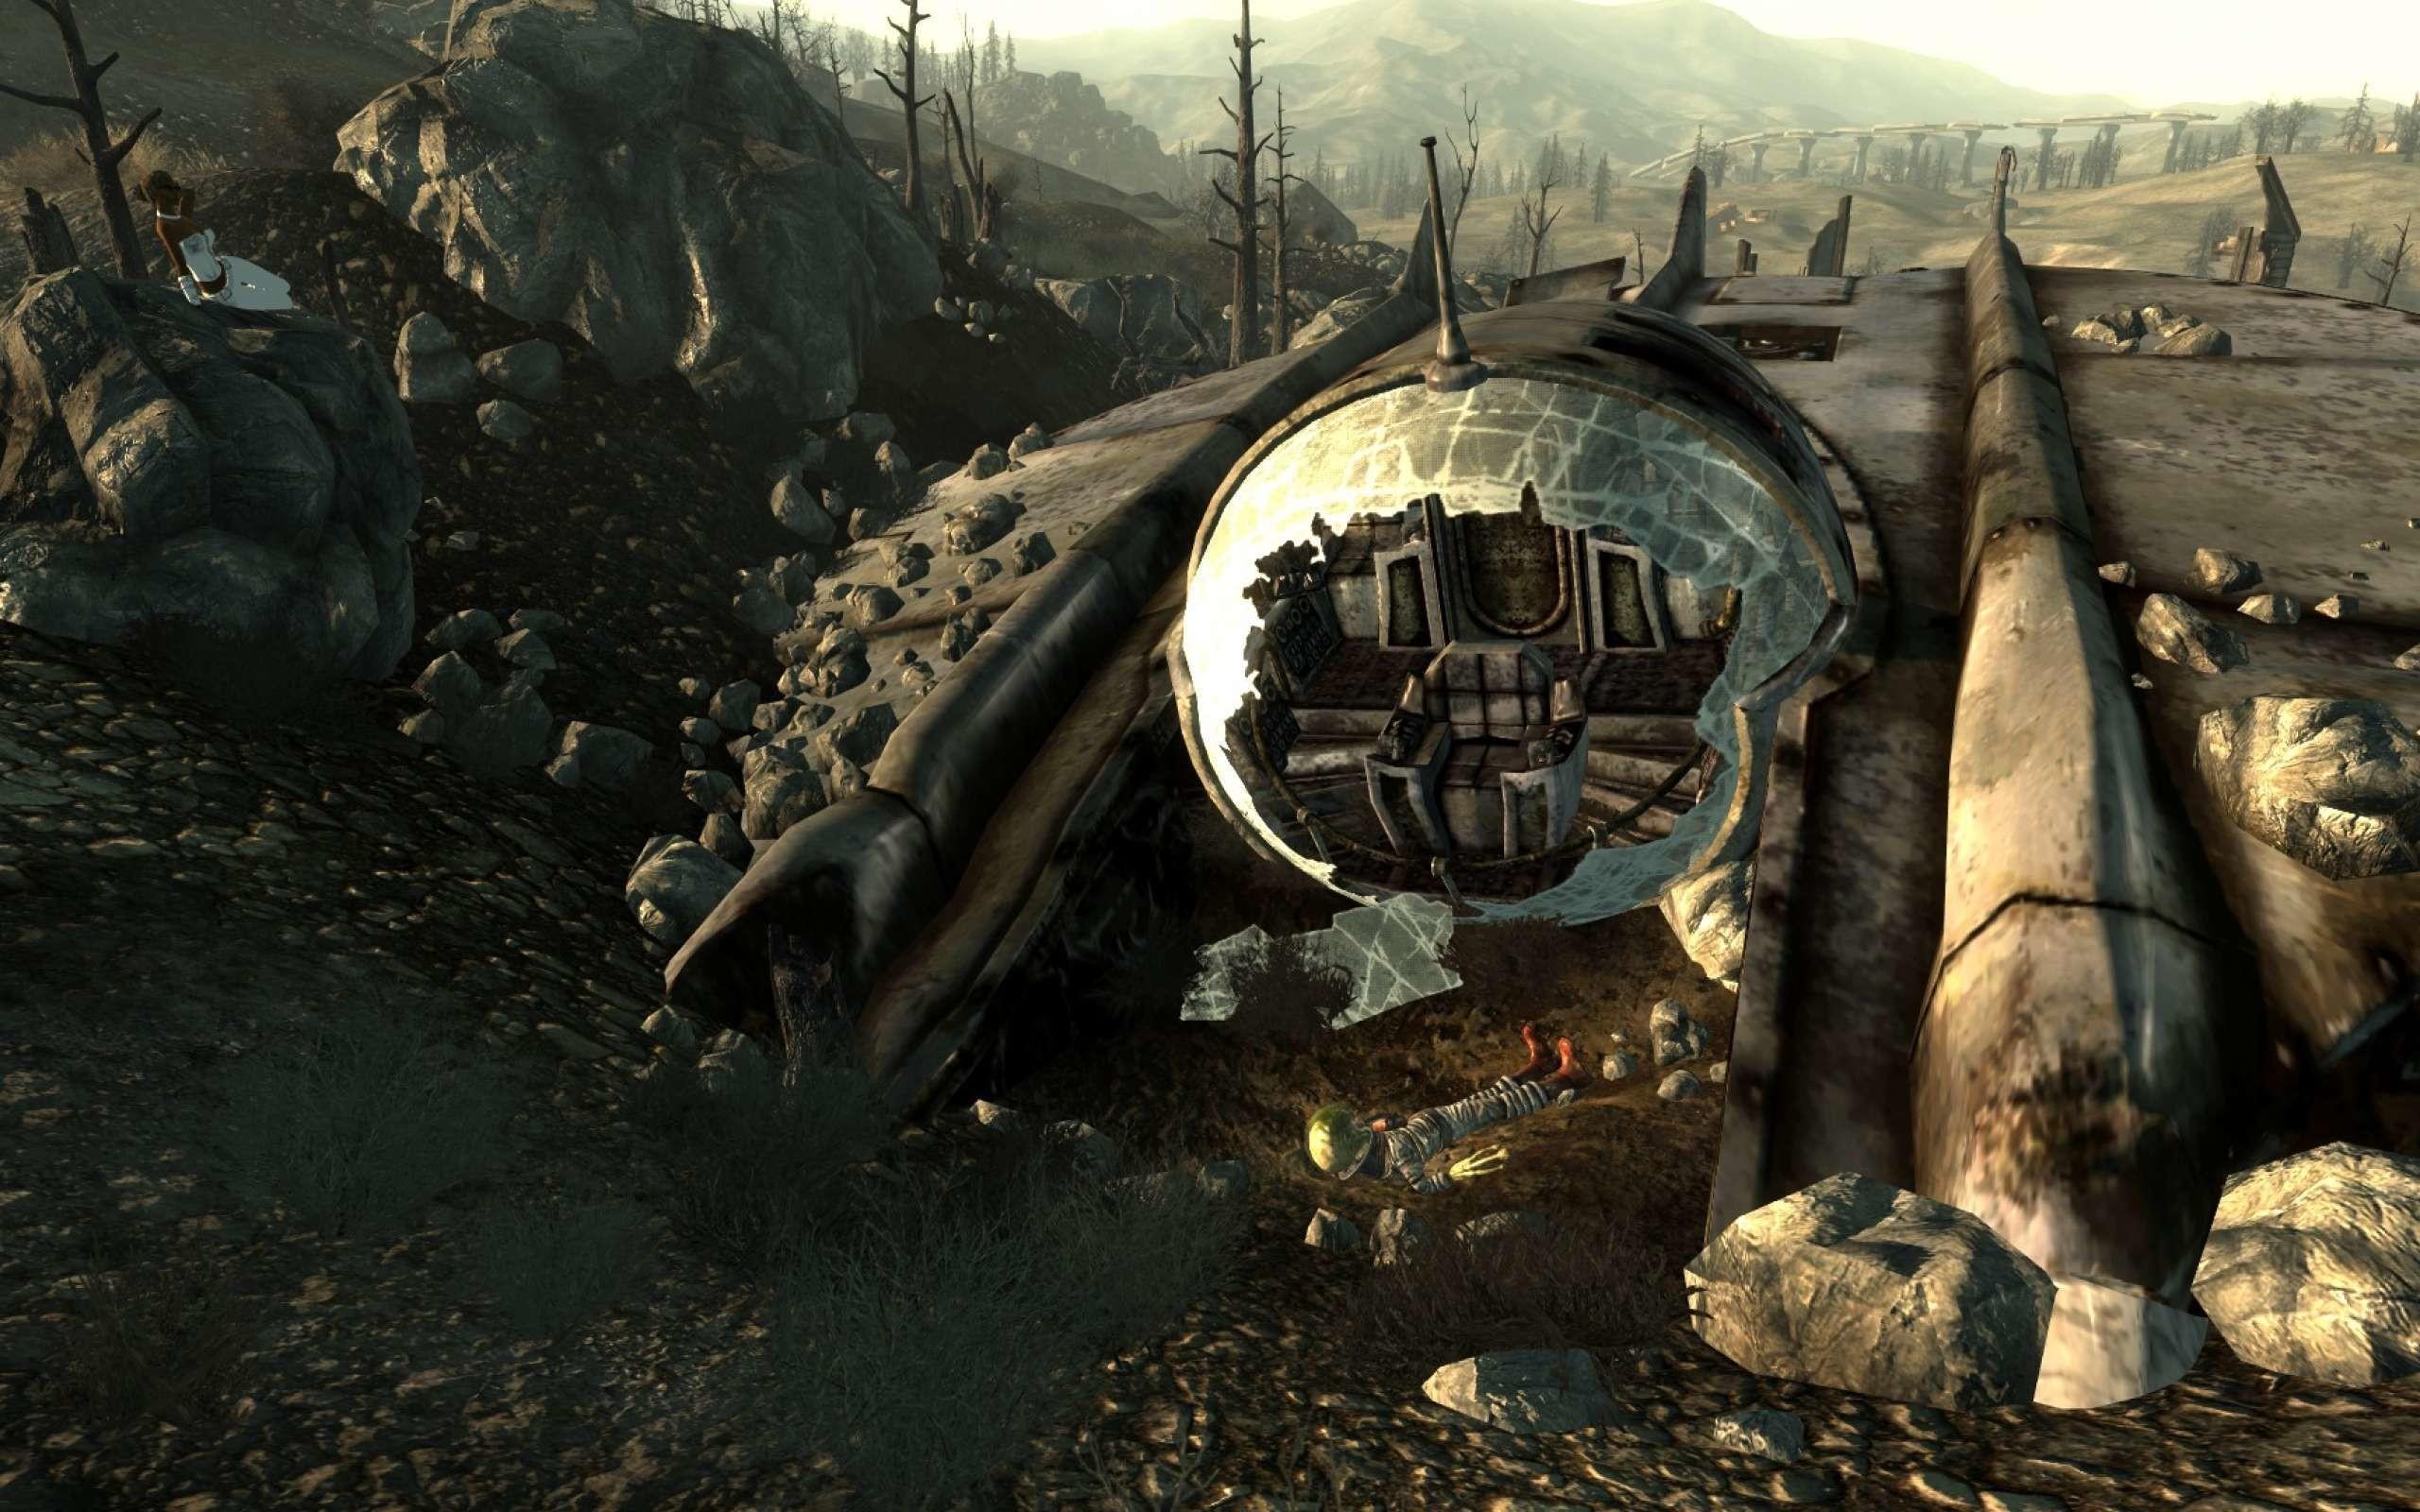 fallout-alien-game-wallpaper-hd-widescreen2.jpg (2560×